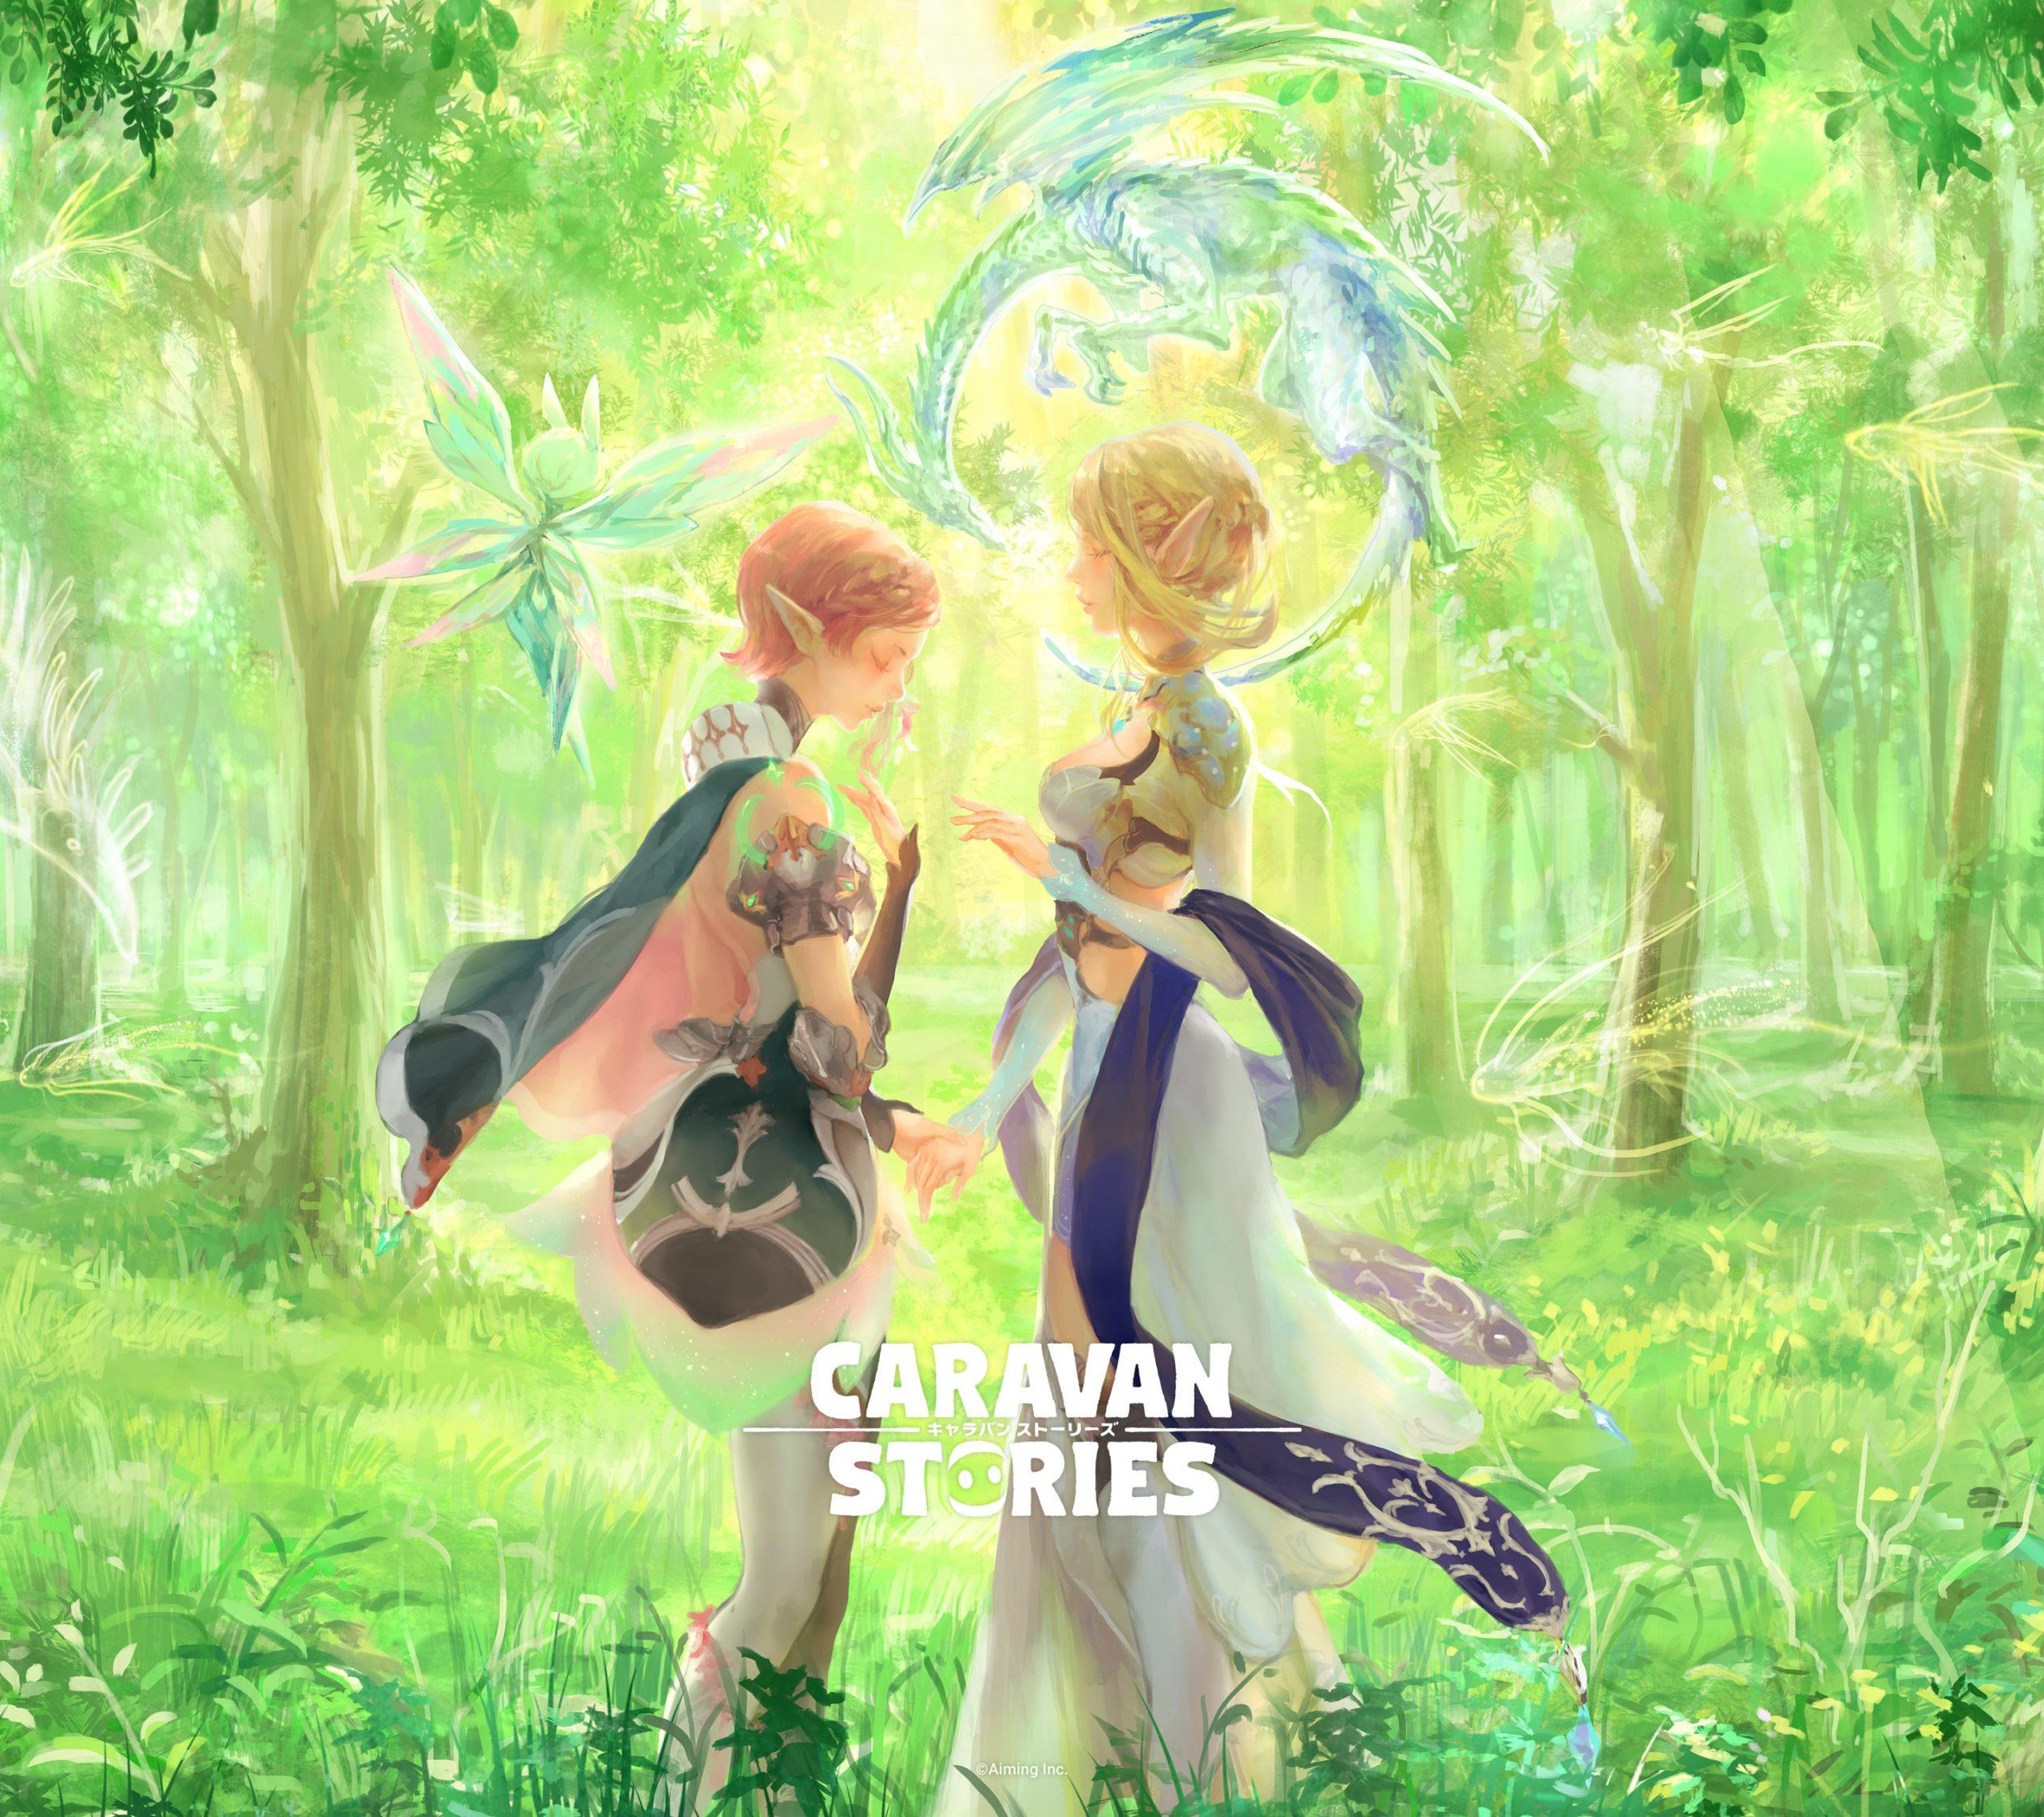 ファンキット 公式 Caravan Stories キャラバンストーリーズ